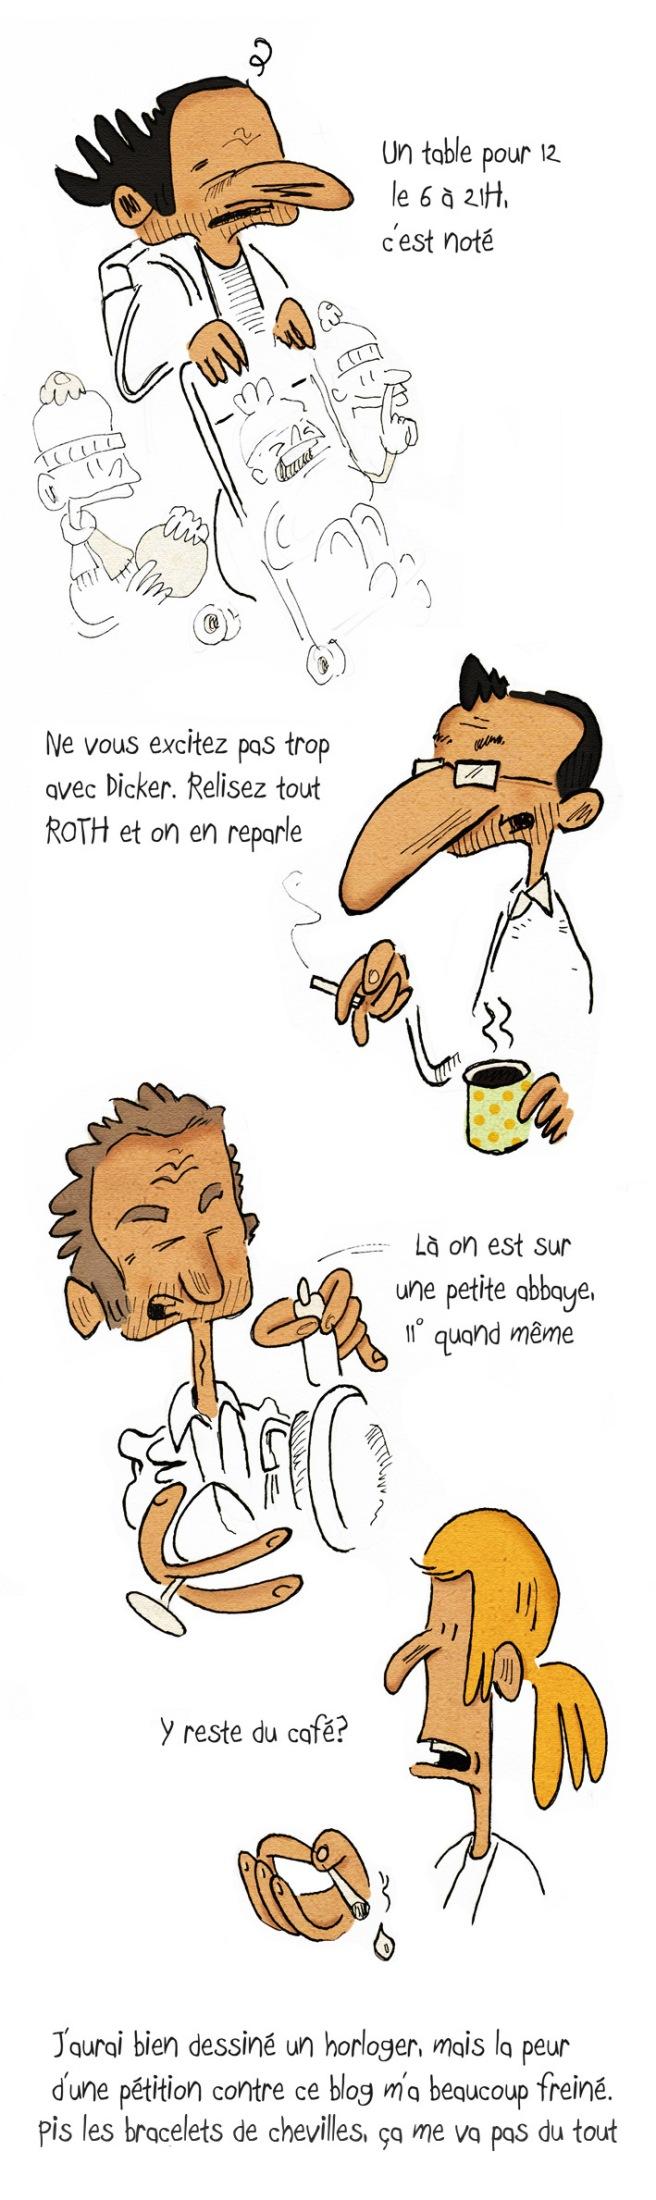 RuedesJuifs